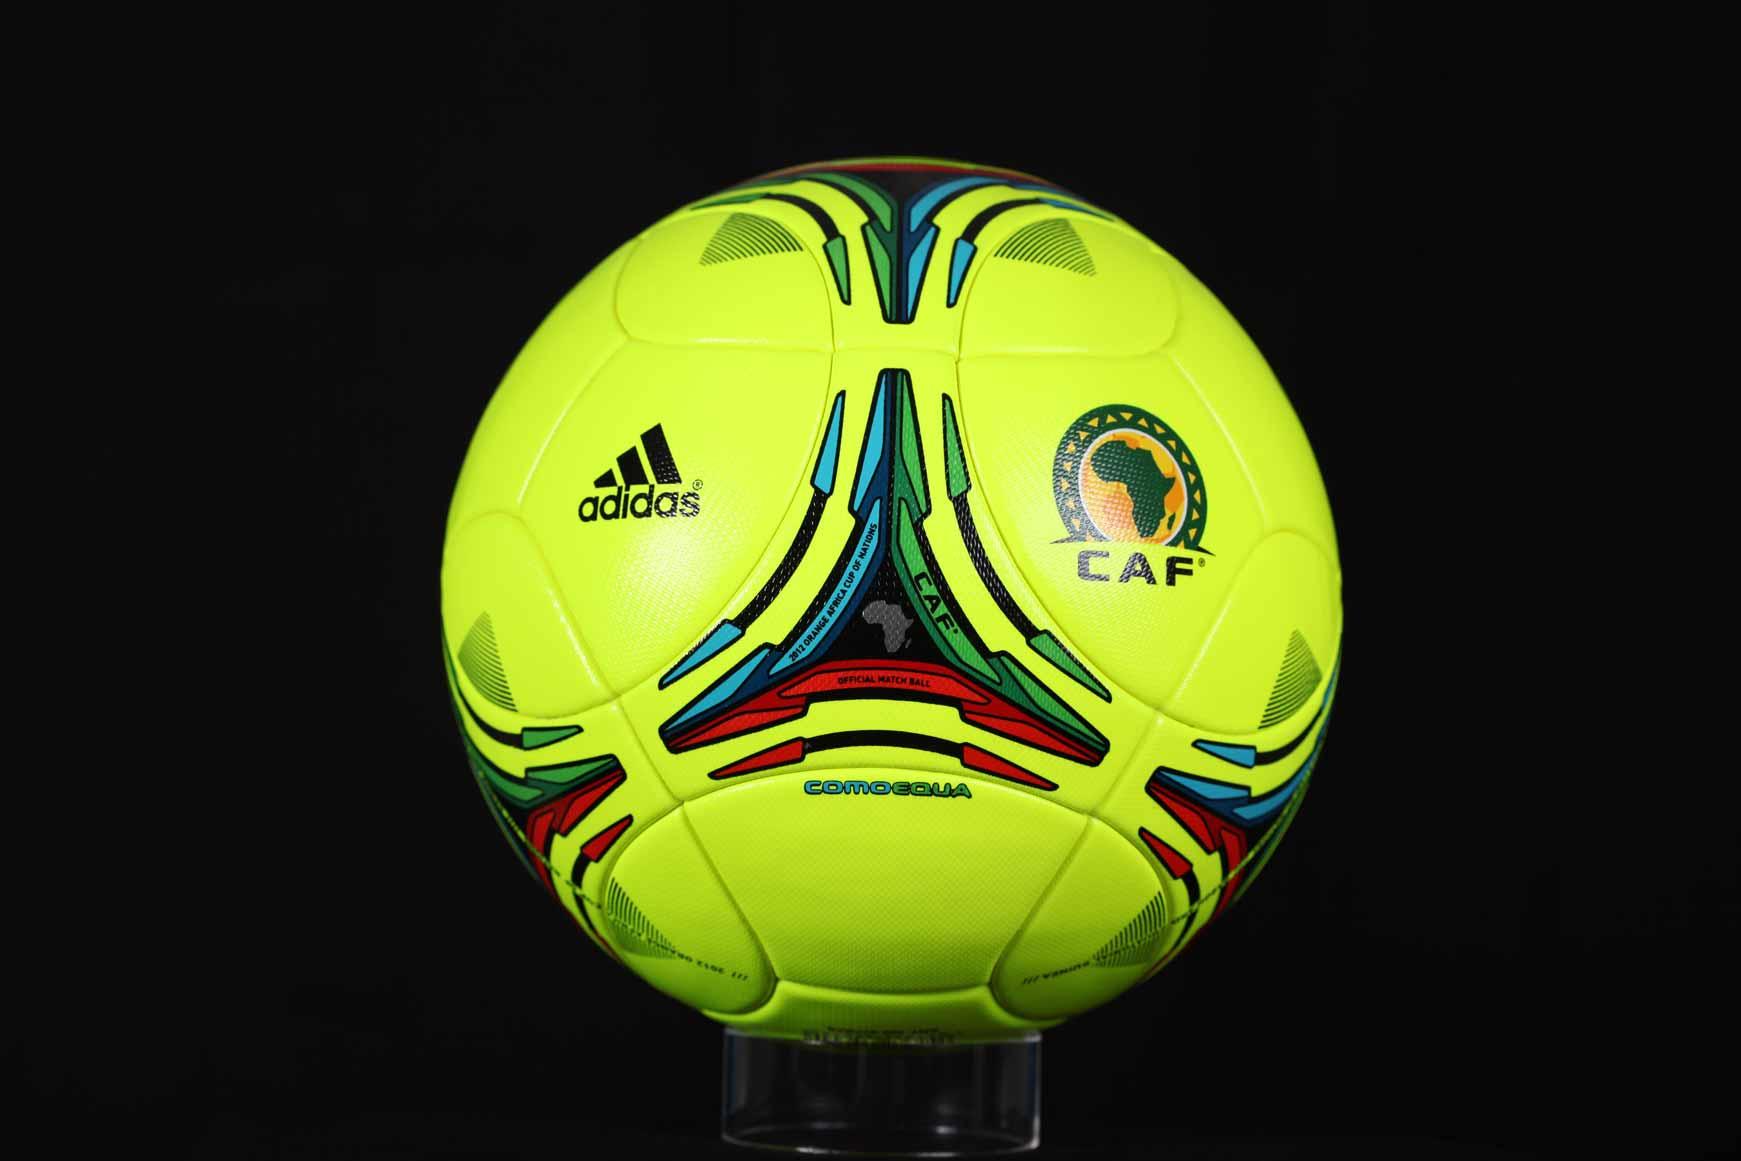 Мяч CAF 2012 Comoequa